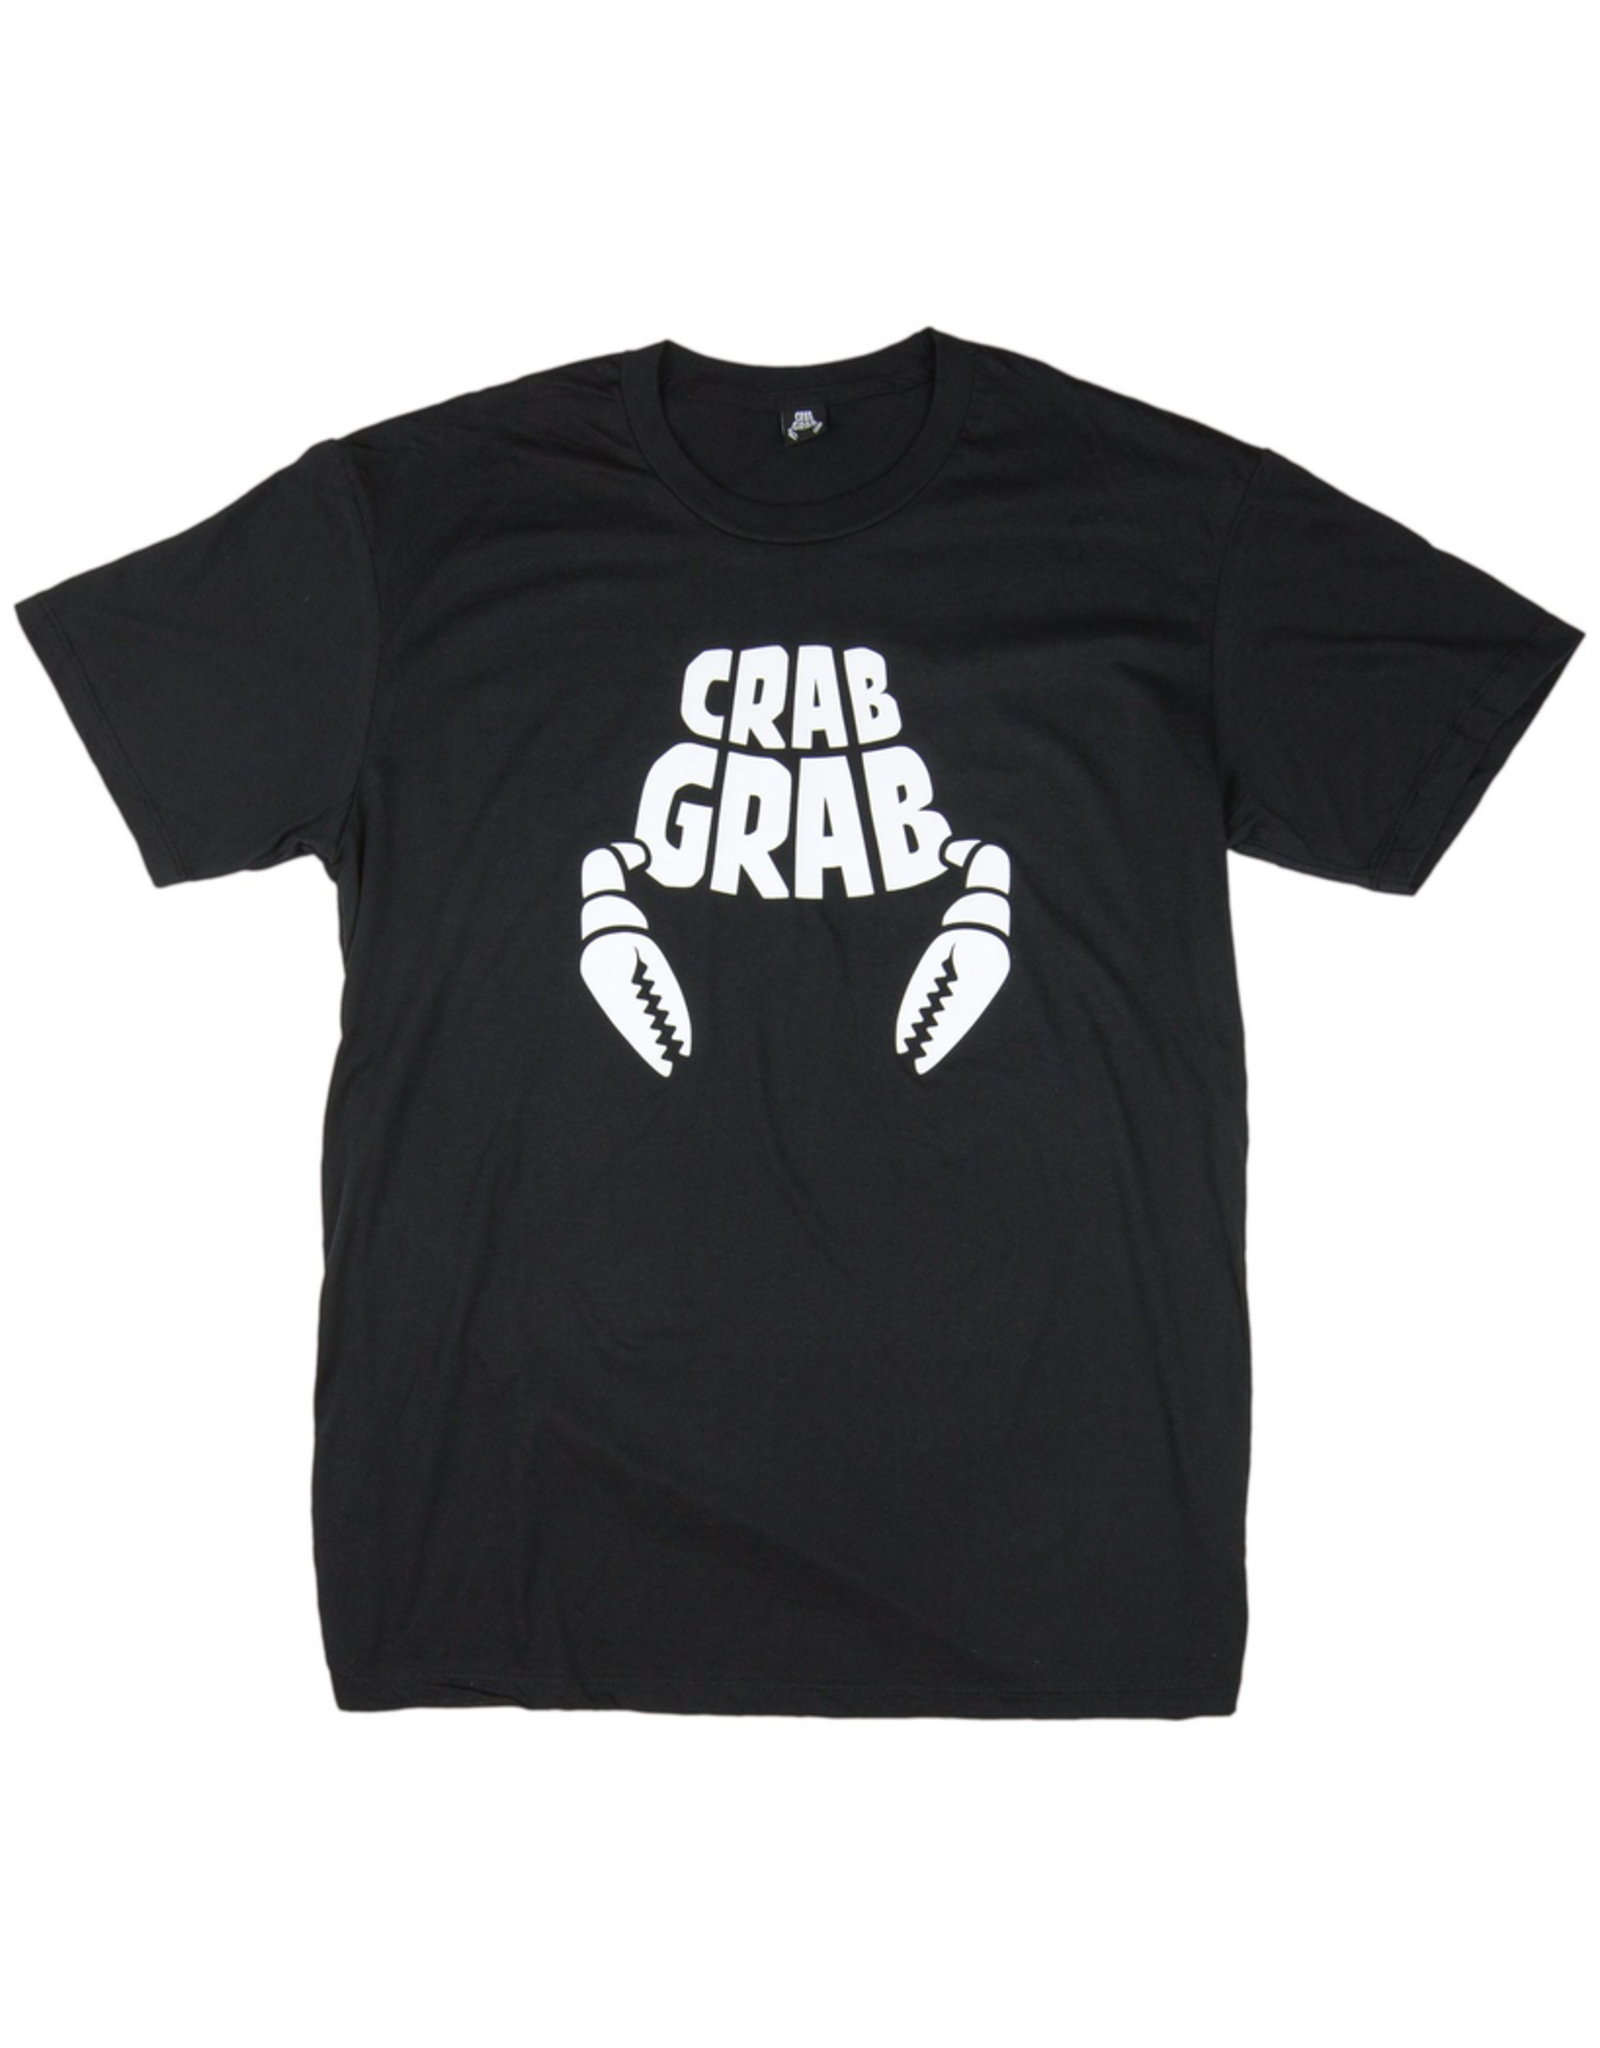 Crab Grab Crab Grab - Classic Tee - L - Black